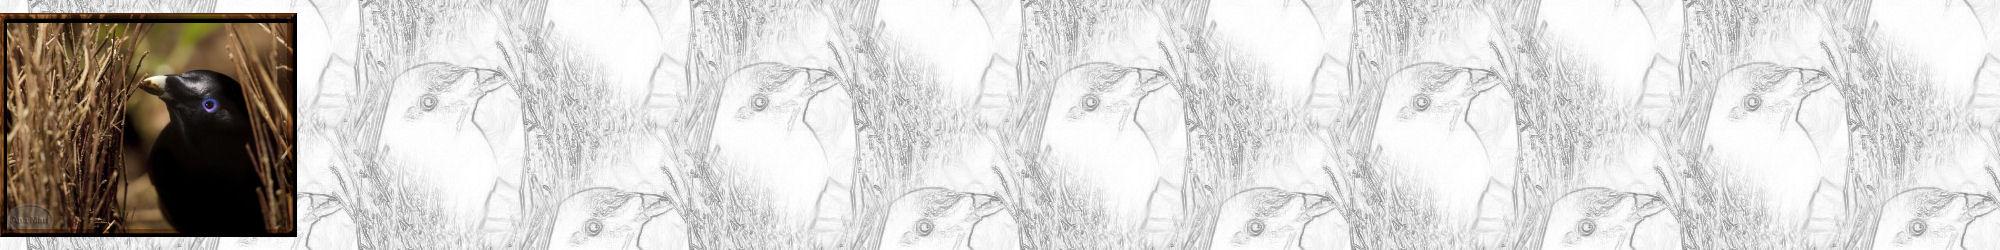 Fondo IM aves_036.imf